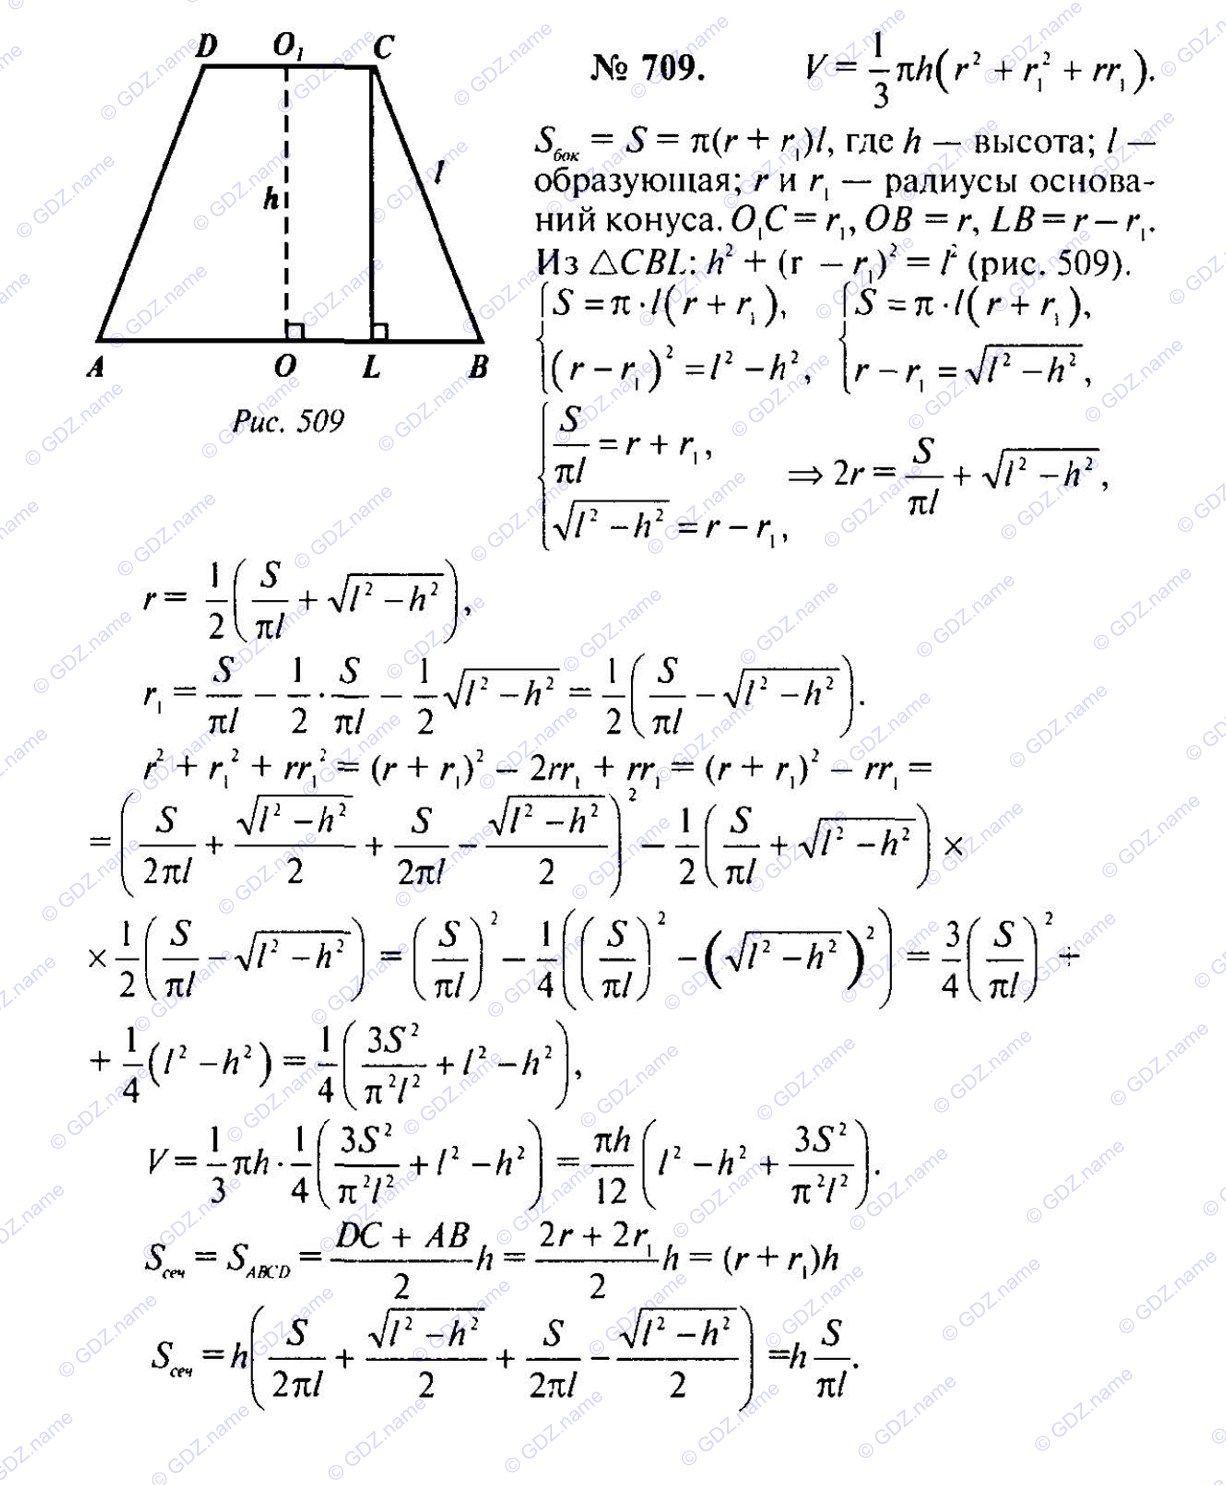 Гдз по геометрии за 8 класс рабочая тетрадь дудницын ответы